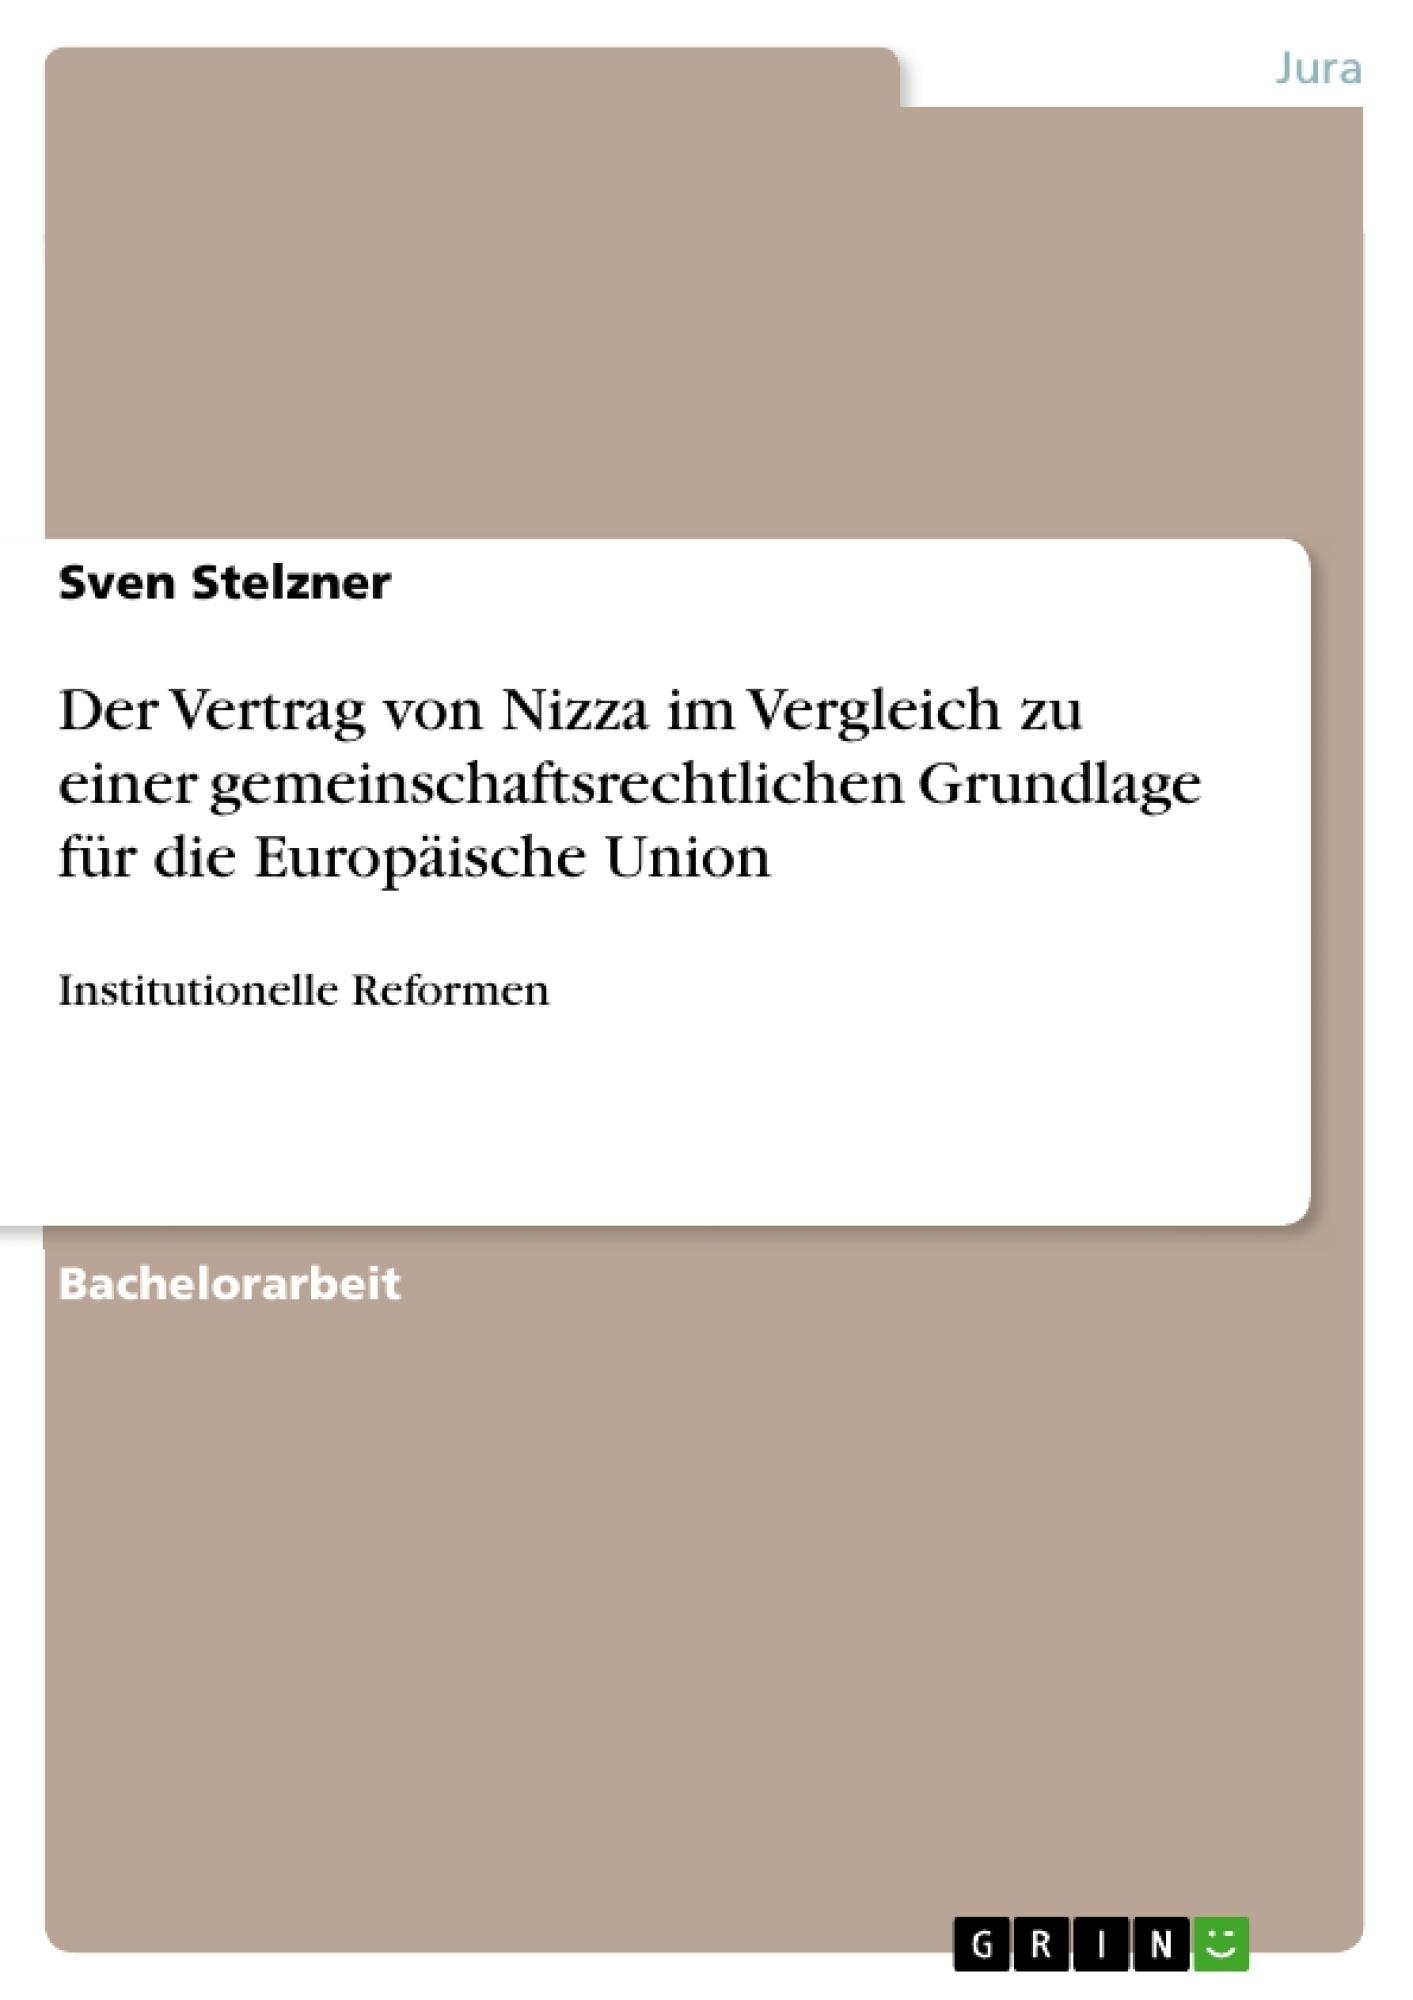 Titel: Der Vertrag von Nizza im Vergleich zu einer gemeinschaftsrechtlichen Grundlage für die Europäische Union